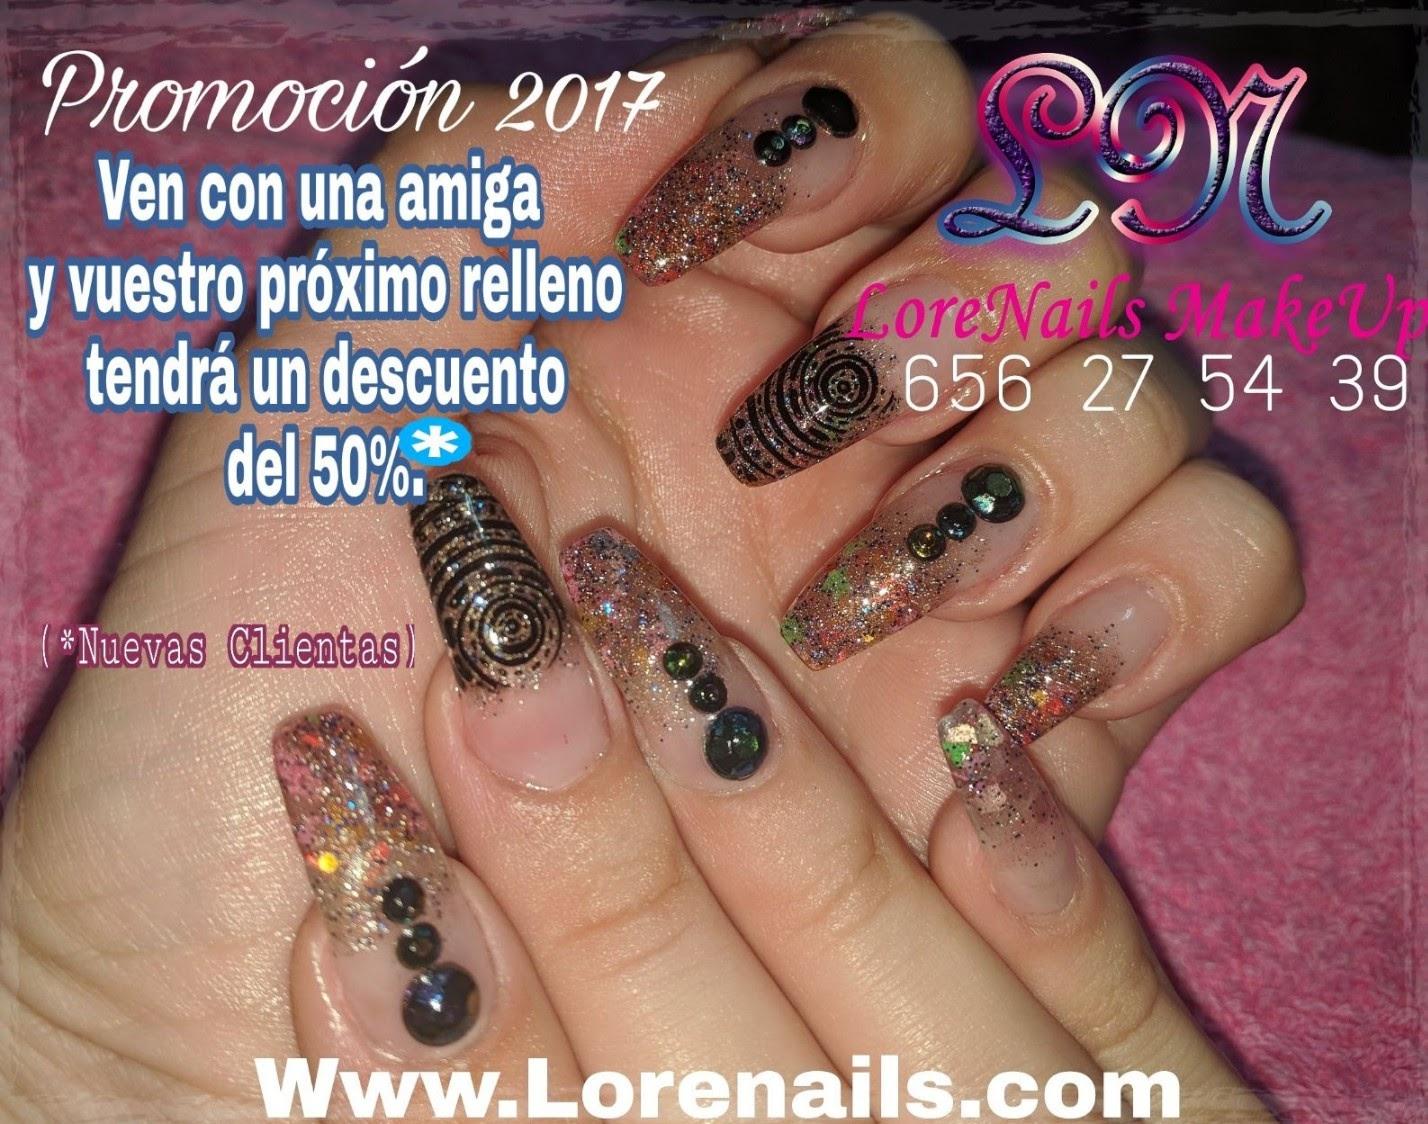 LoreNails MakeUp - Uñas esculpidas, Maquillaje y Pestañas en Malaga ...